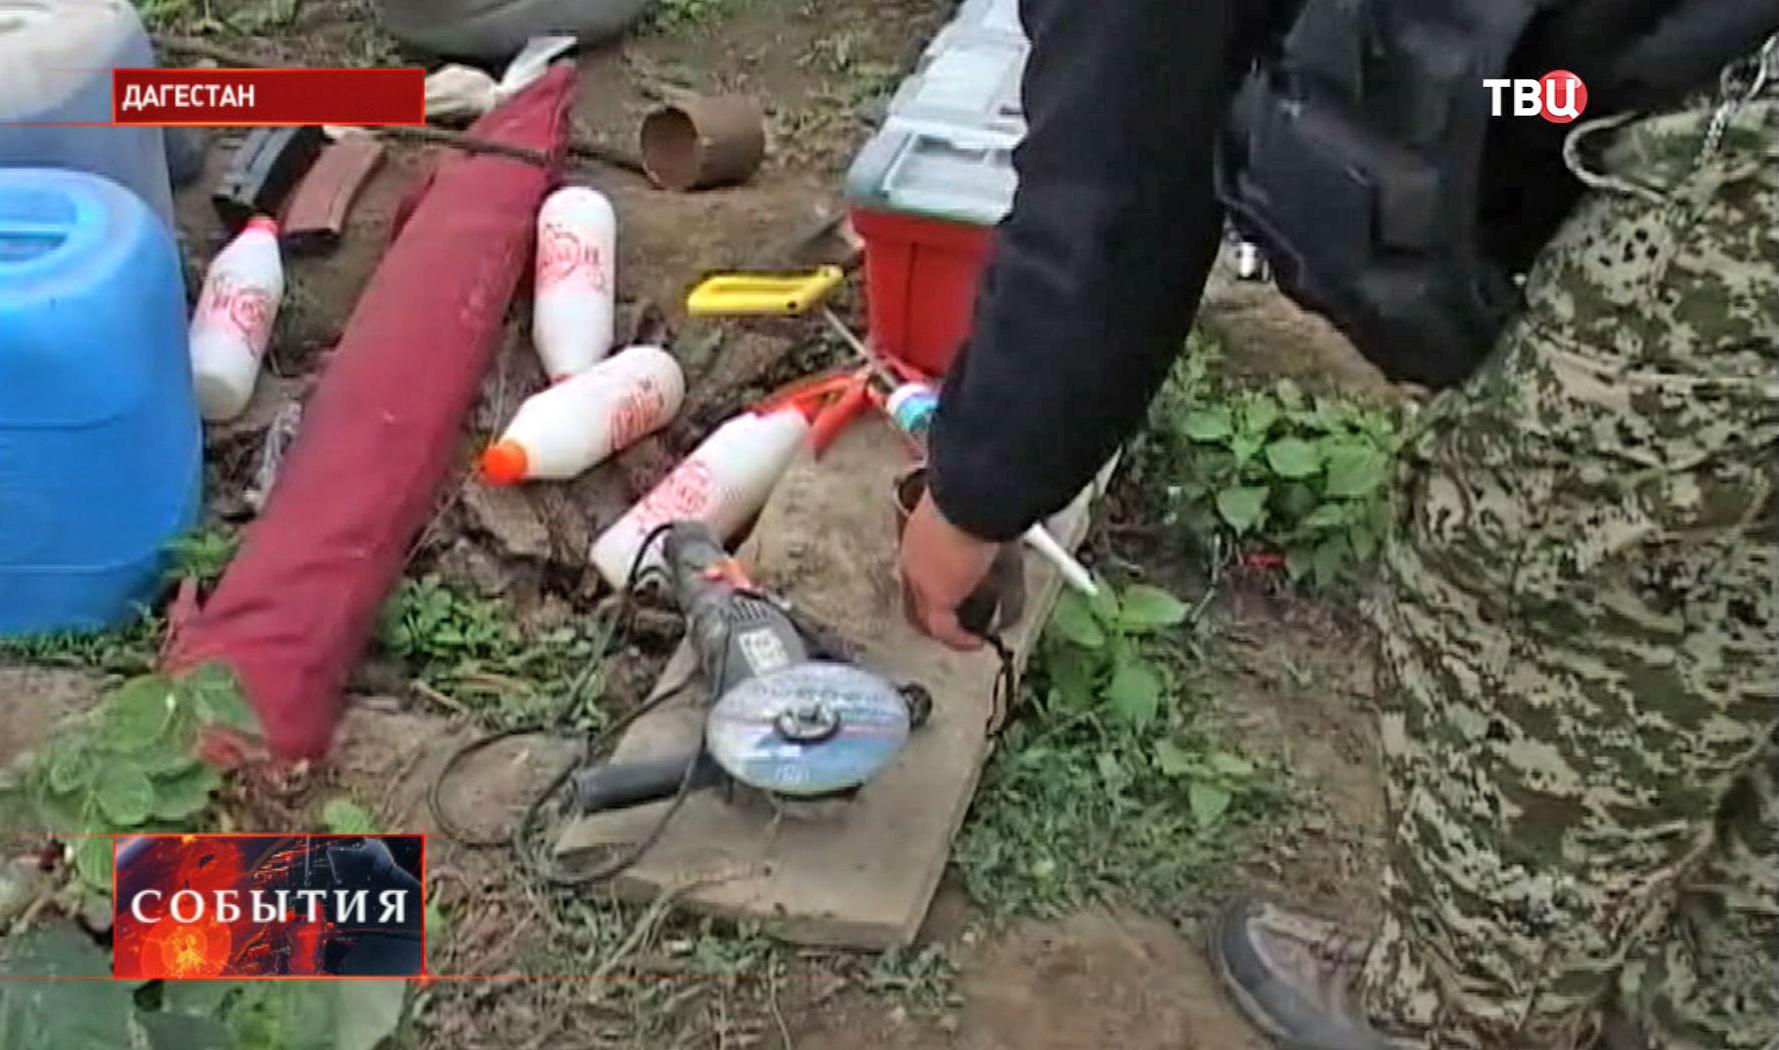 Самодельные бомбы участника теракта